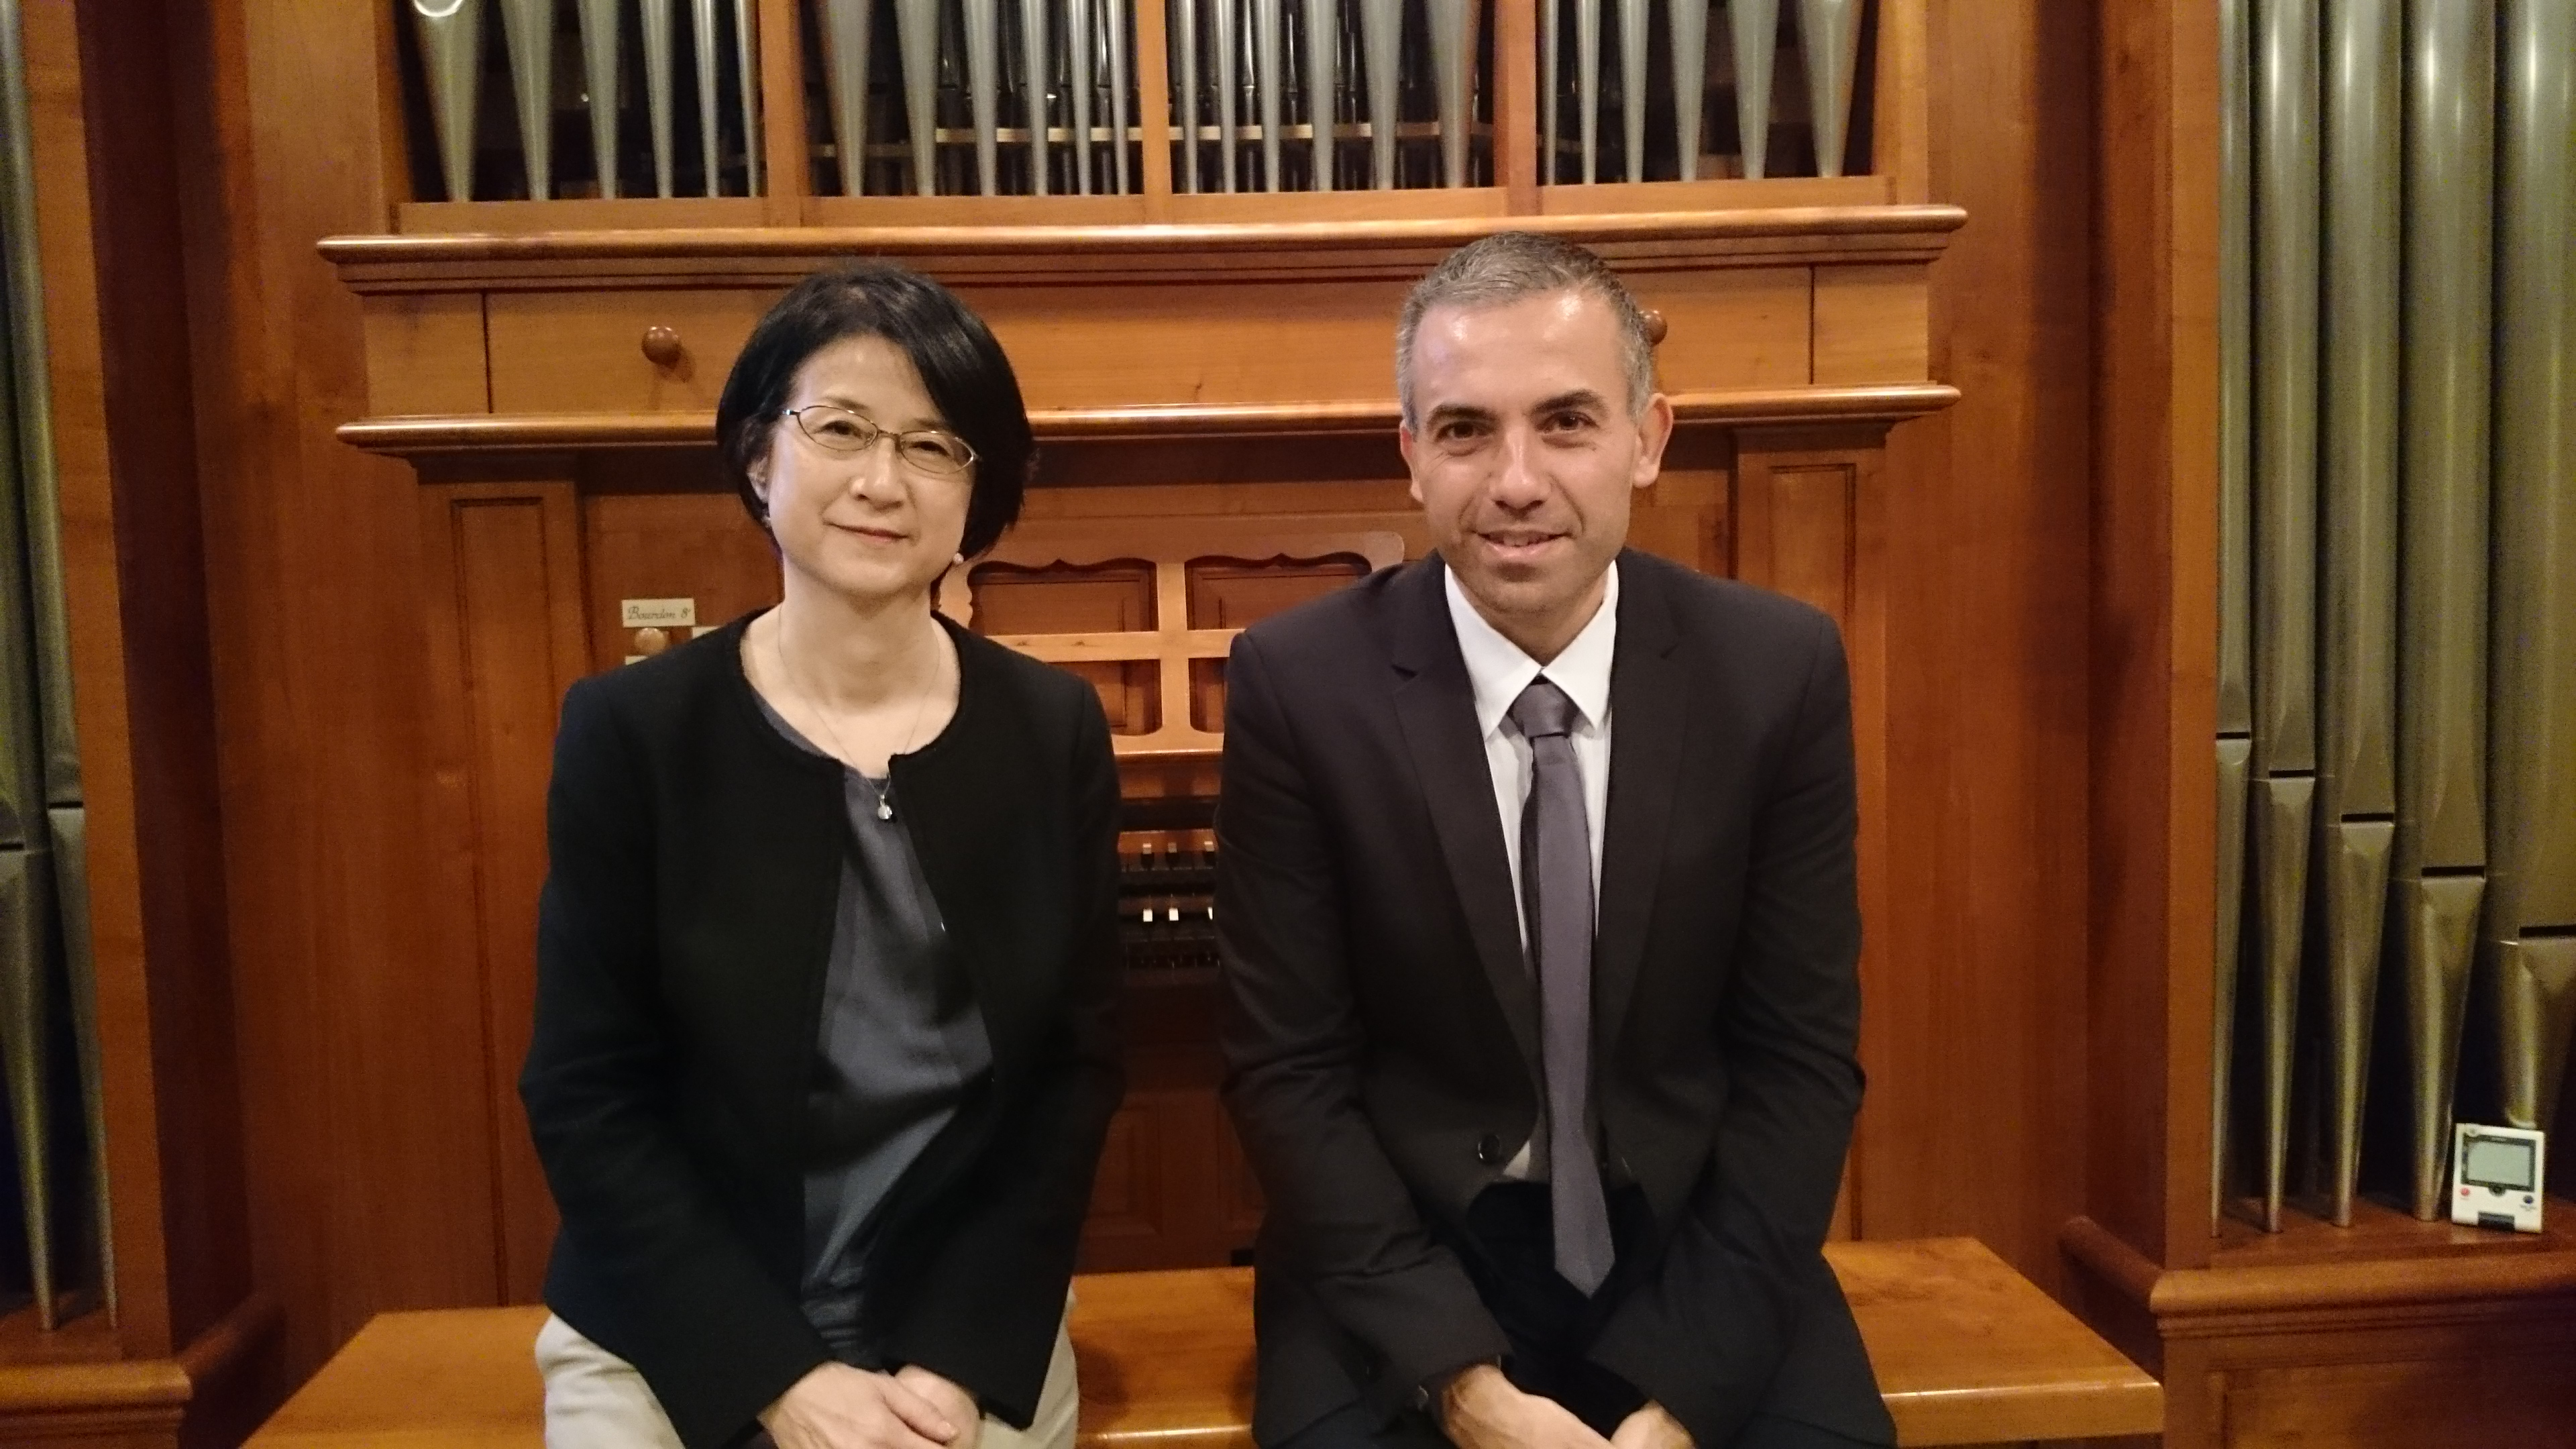 Mariko Nakagawa et Willy Ippolito, église de Sakuradai, Tokyo, Japon